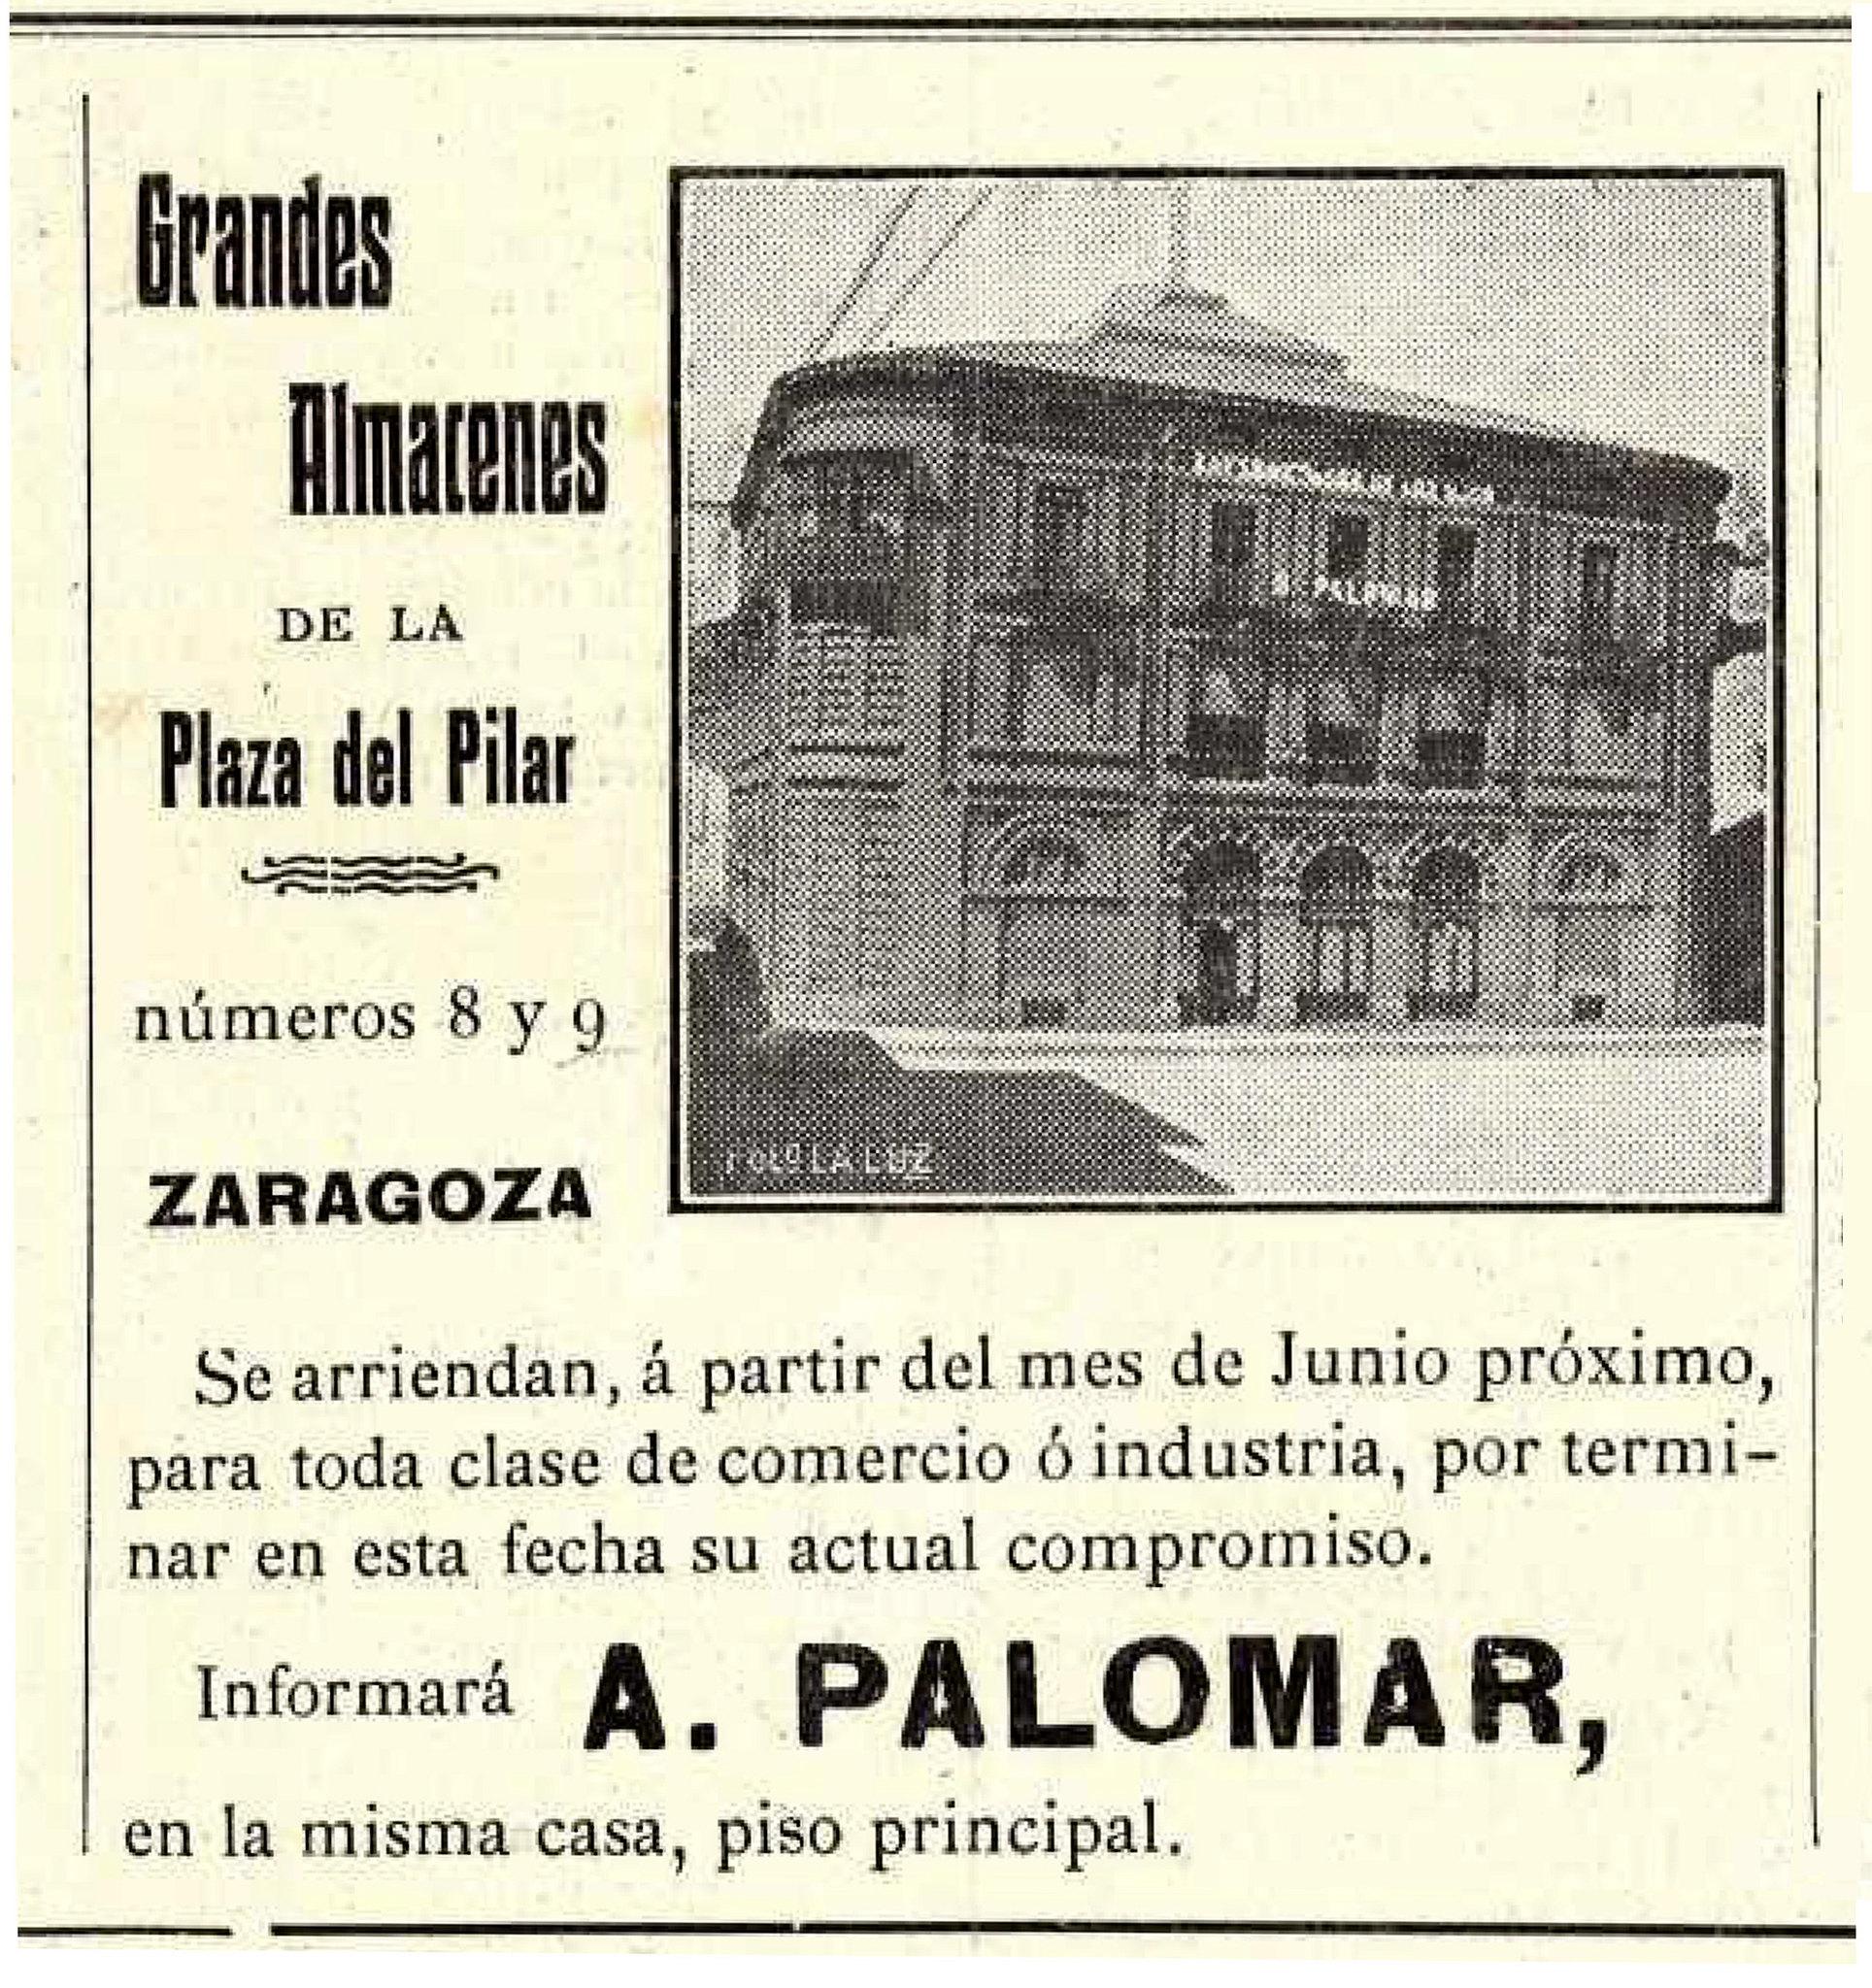 El Batallador. Abril 1911.